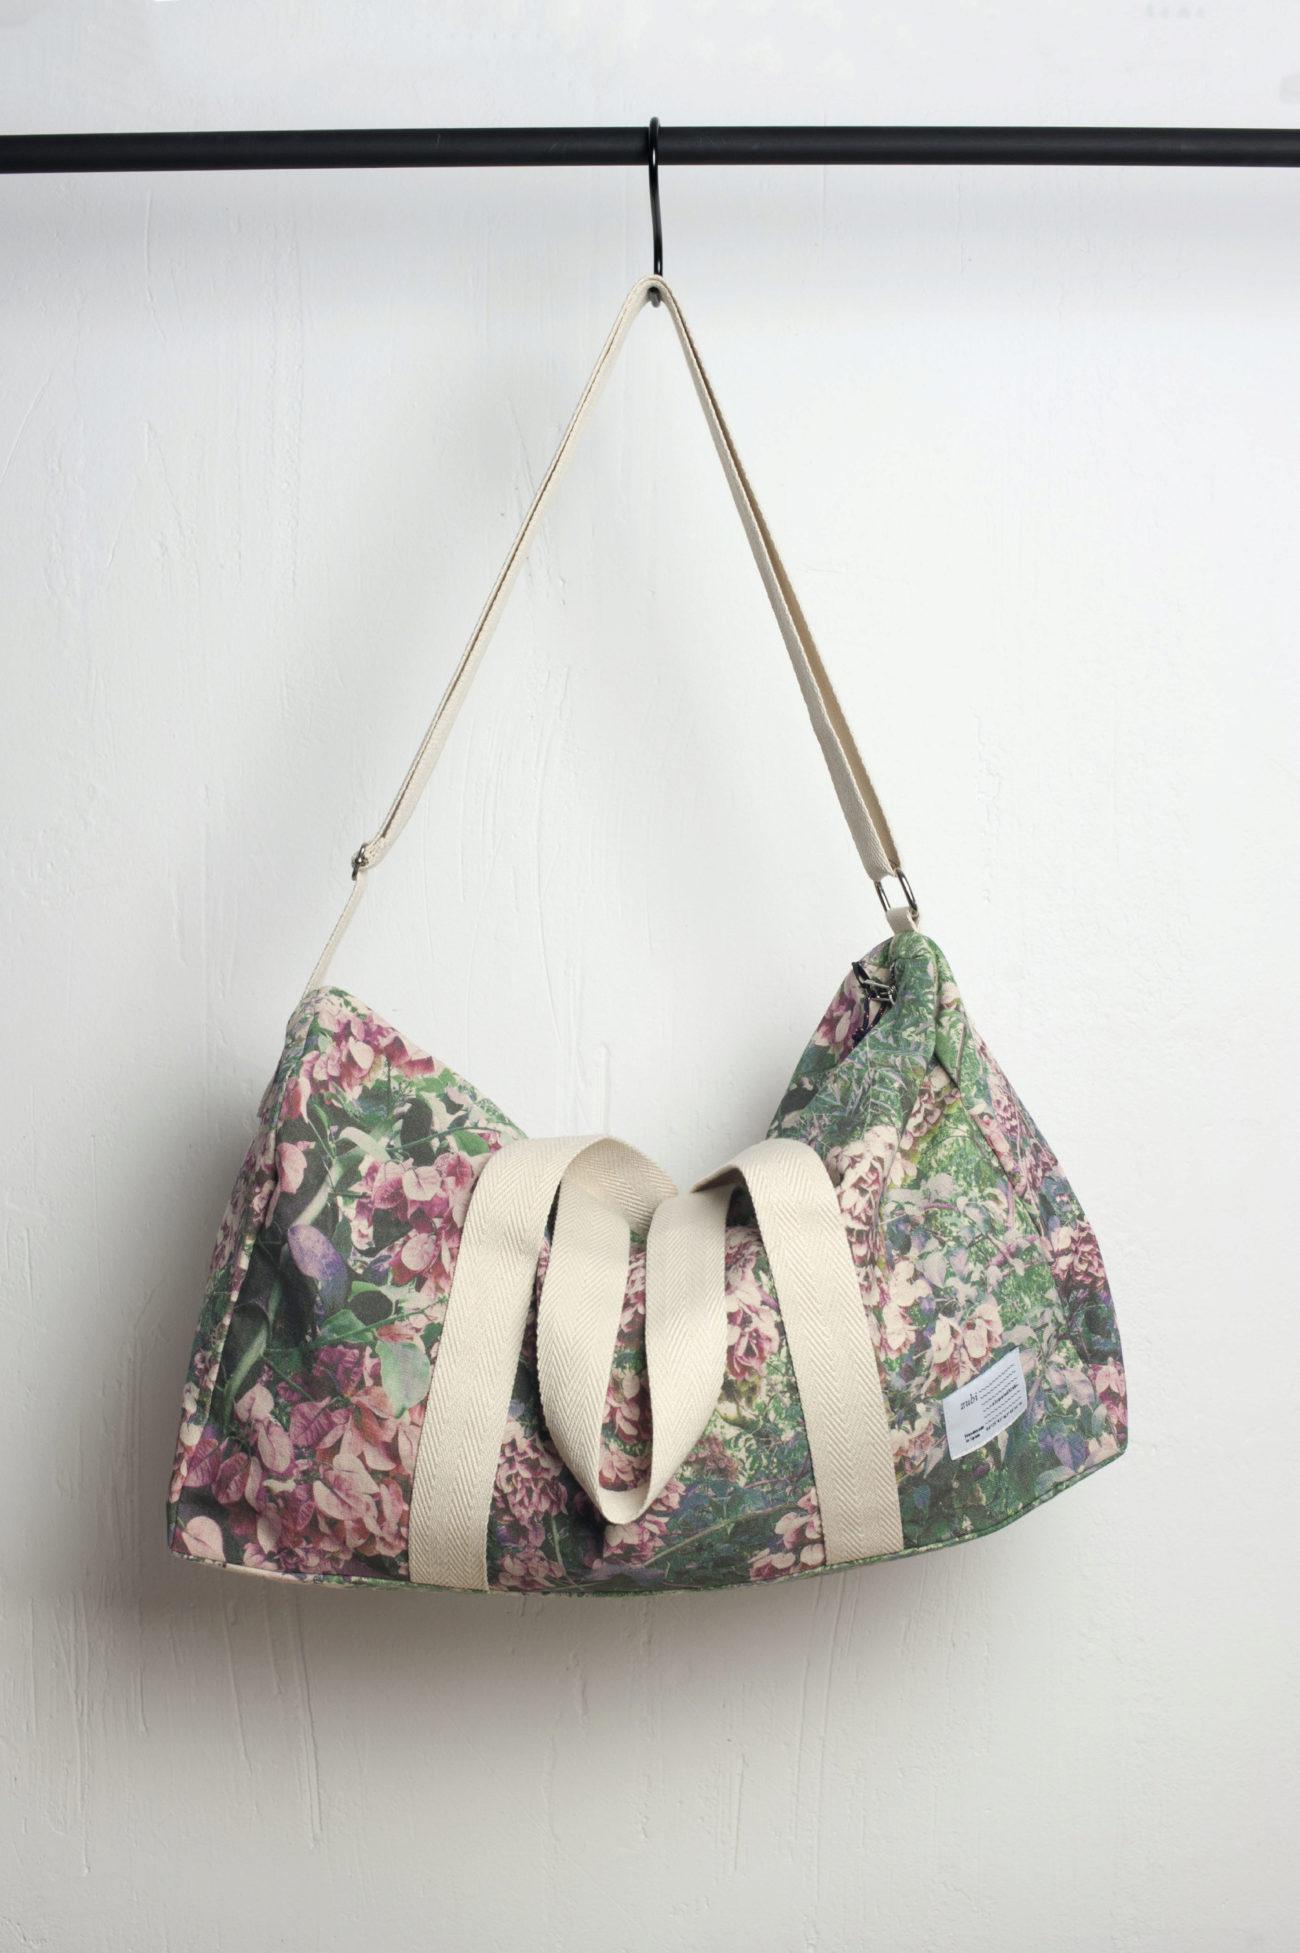 La bolsa Dalmatia de la marca Zubi es amplia y cómoda para meter todo...